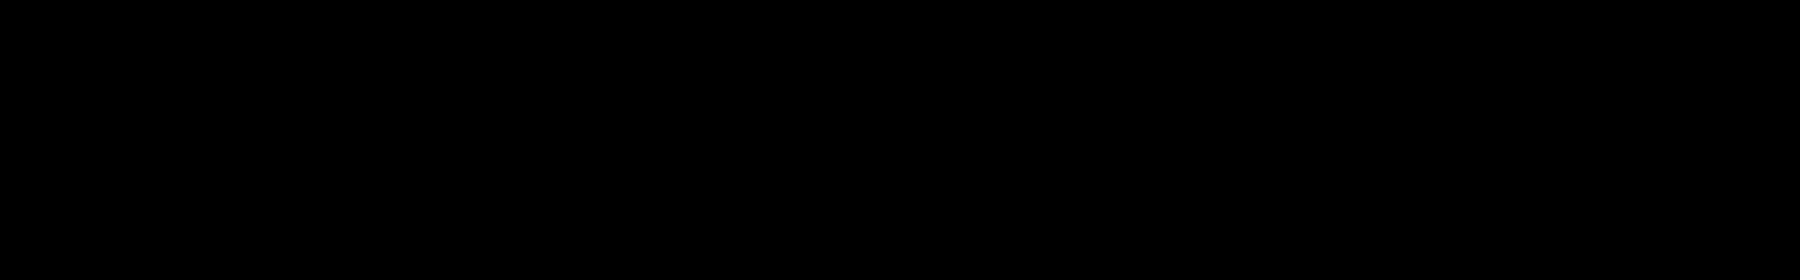 Drill Poison audio waveform